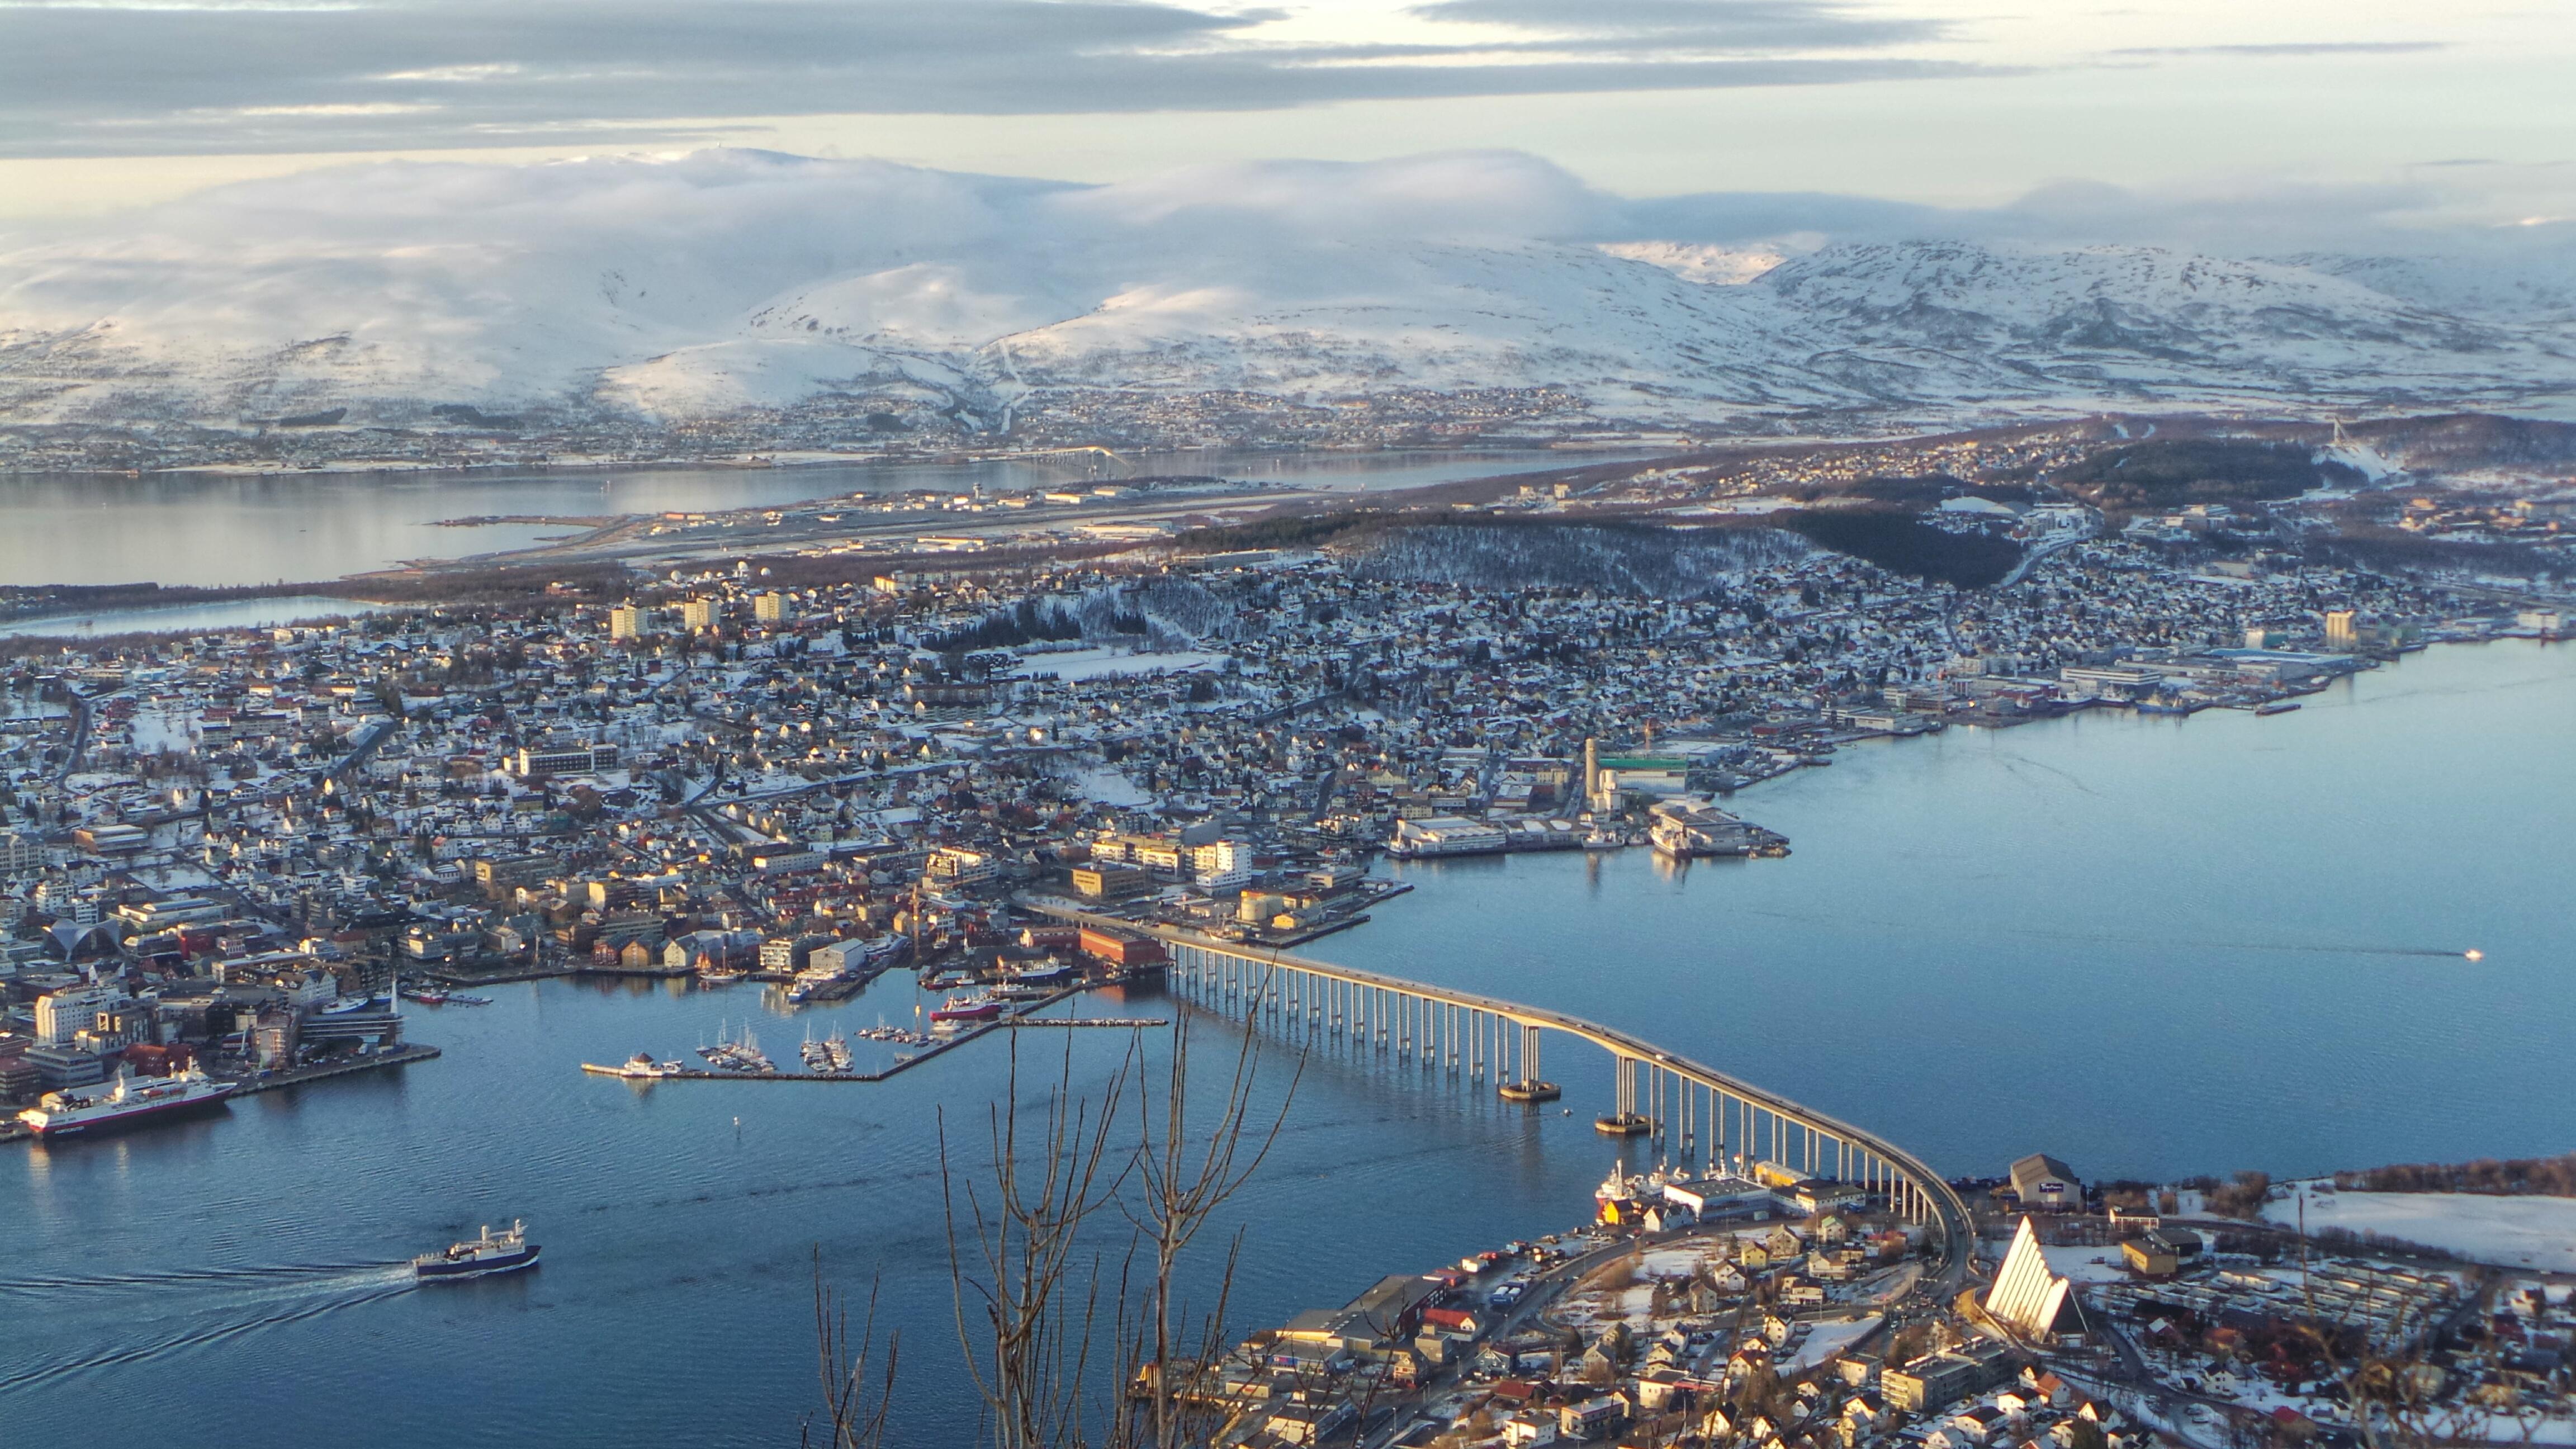 Tromso Fjellheisen reistip citytrip rondreis Noorwegen Scandinavie groepsreis SeaWind Adventures outdoor zeilen zeilreis vakantie